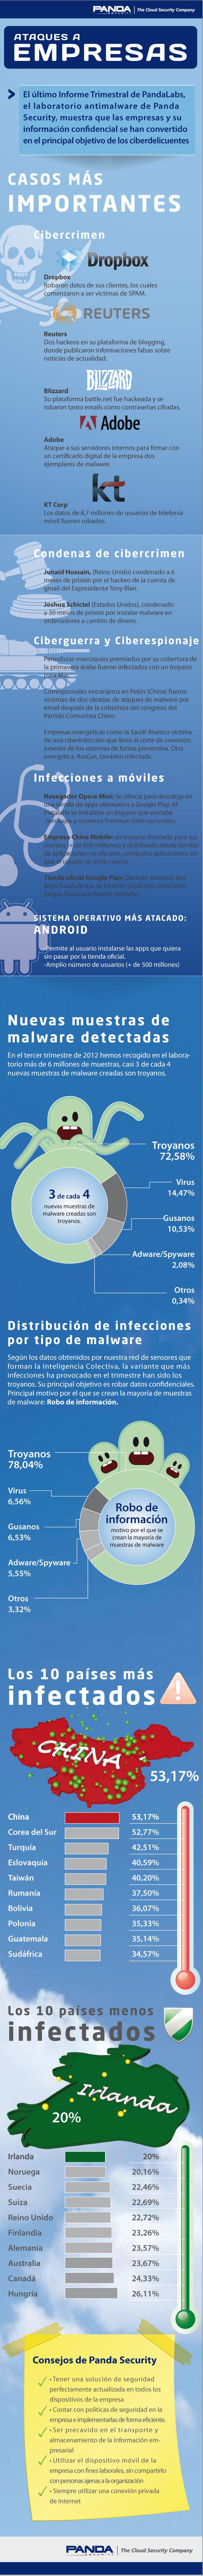 Ataques informáticos más importantes en 2012